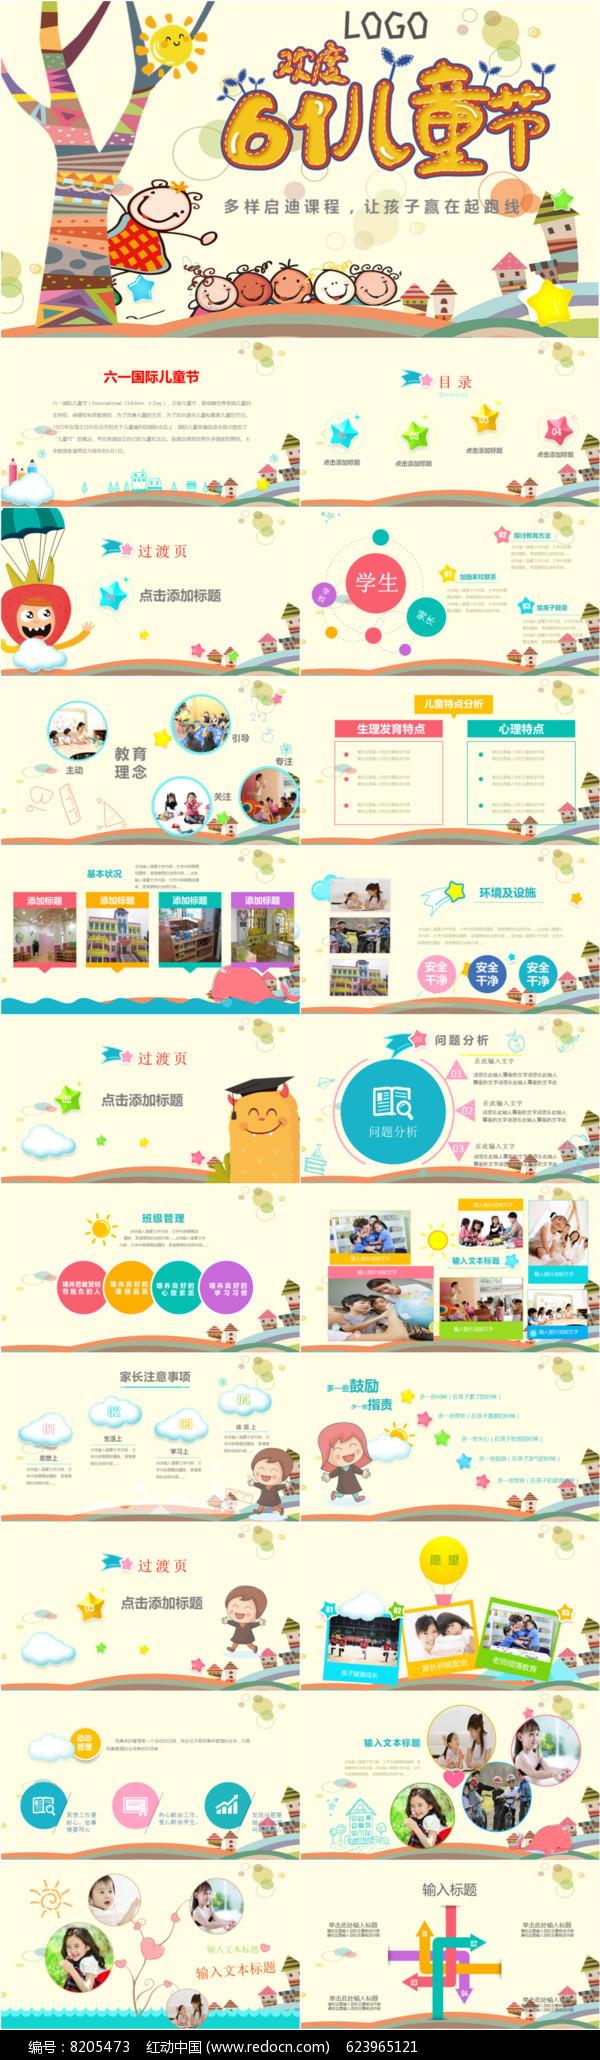 六一儿童节幼儿园小学亲子活动PPT模板图片